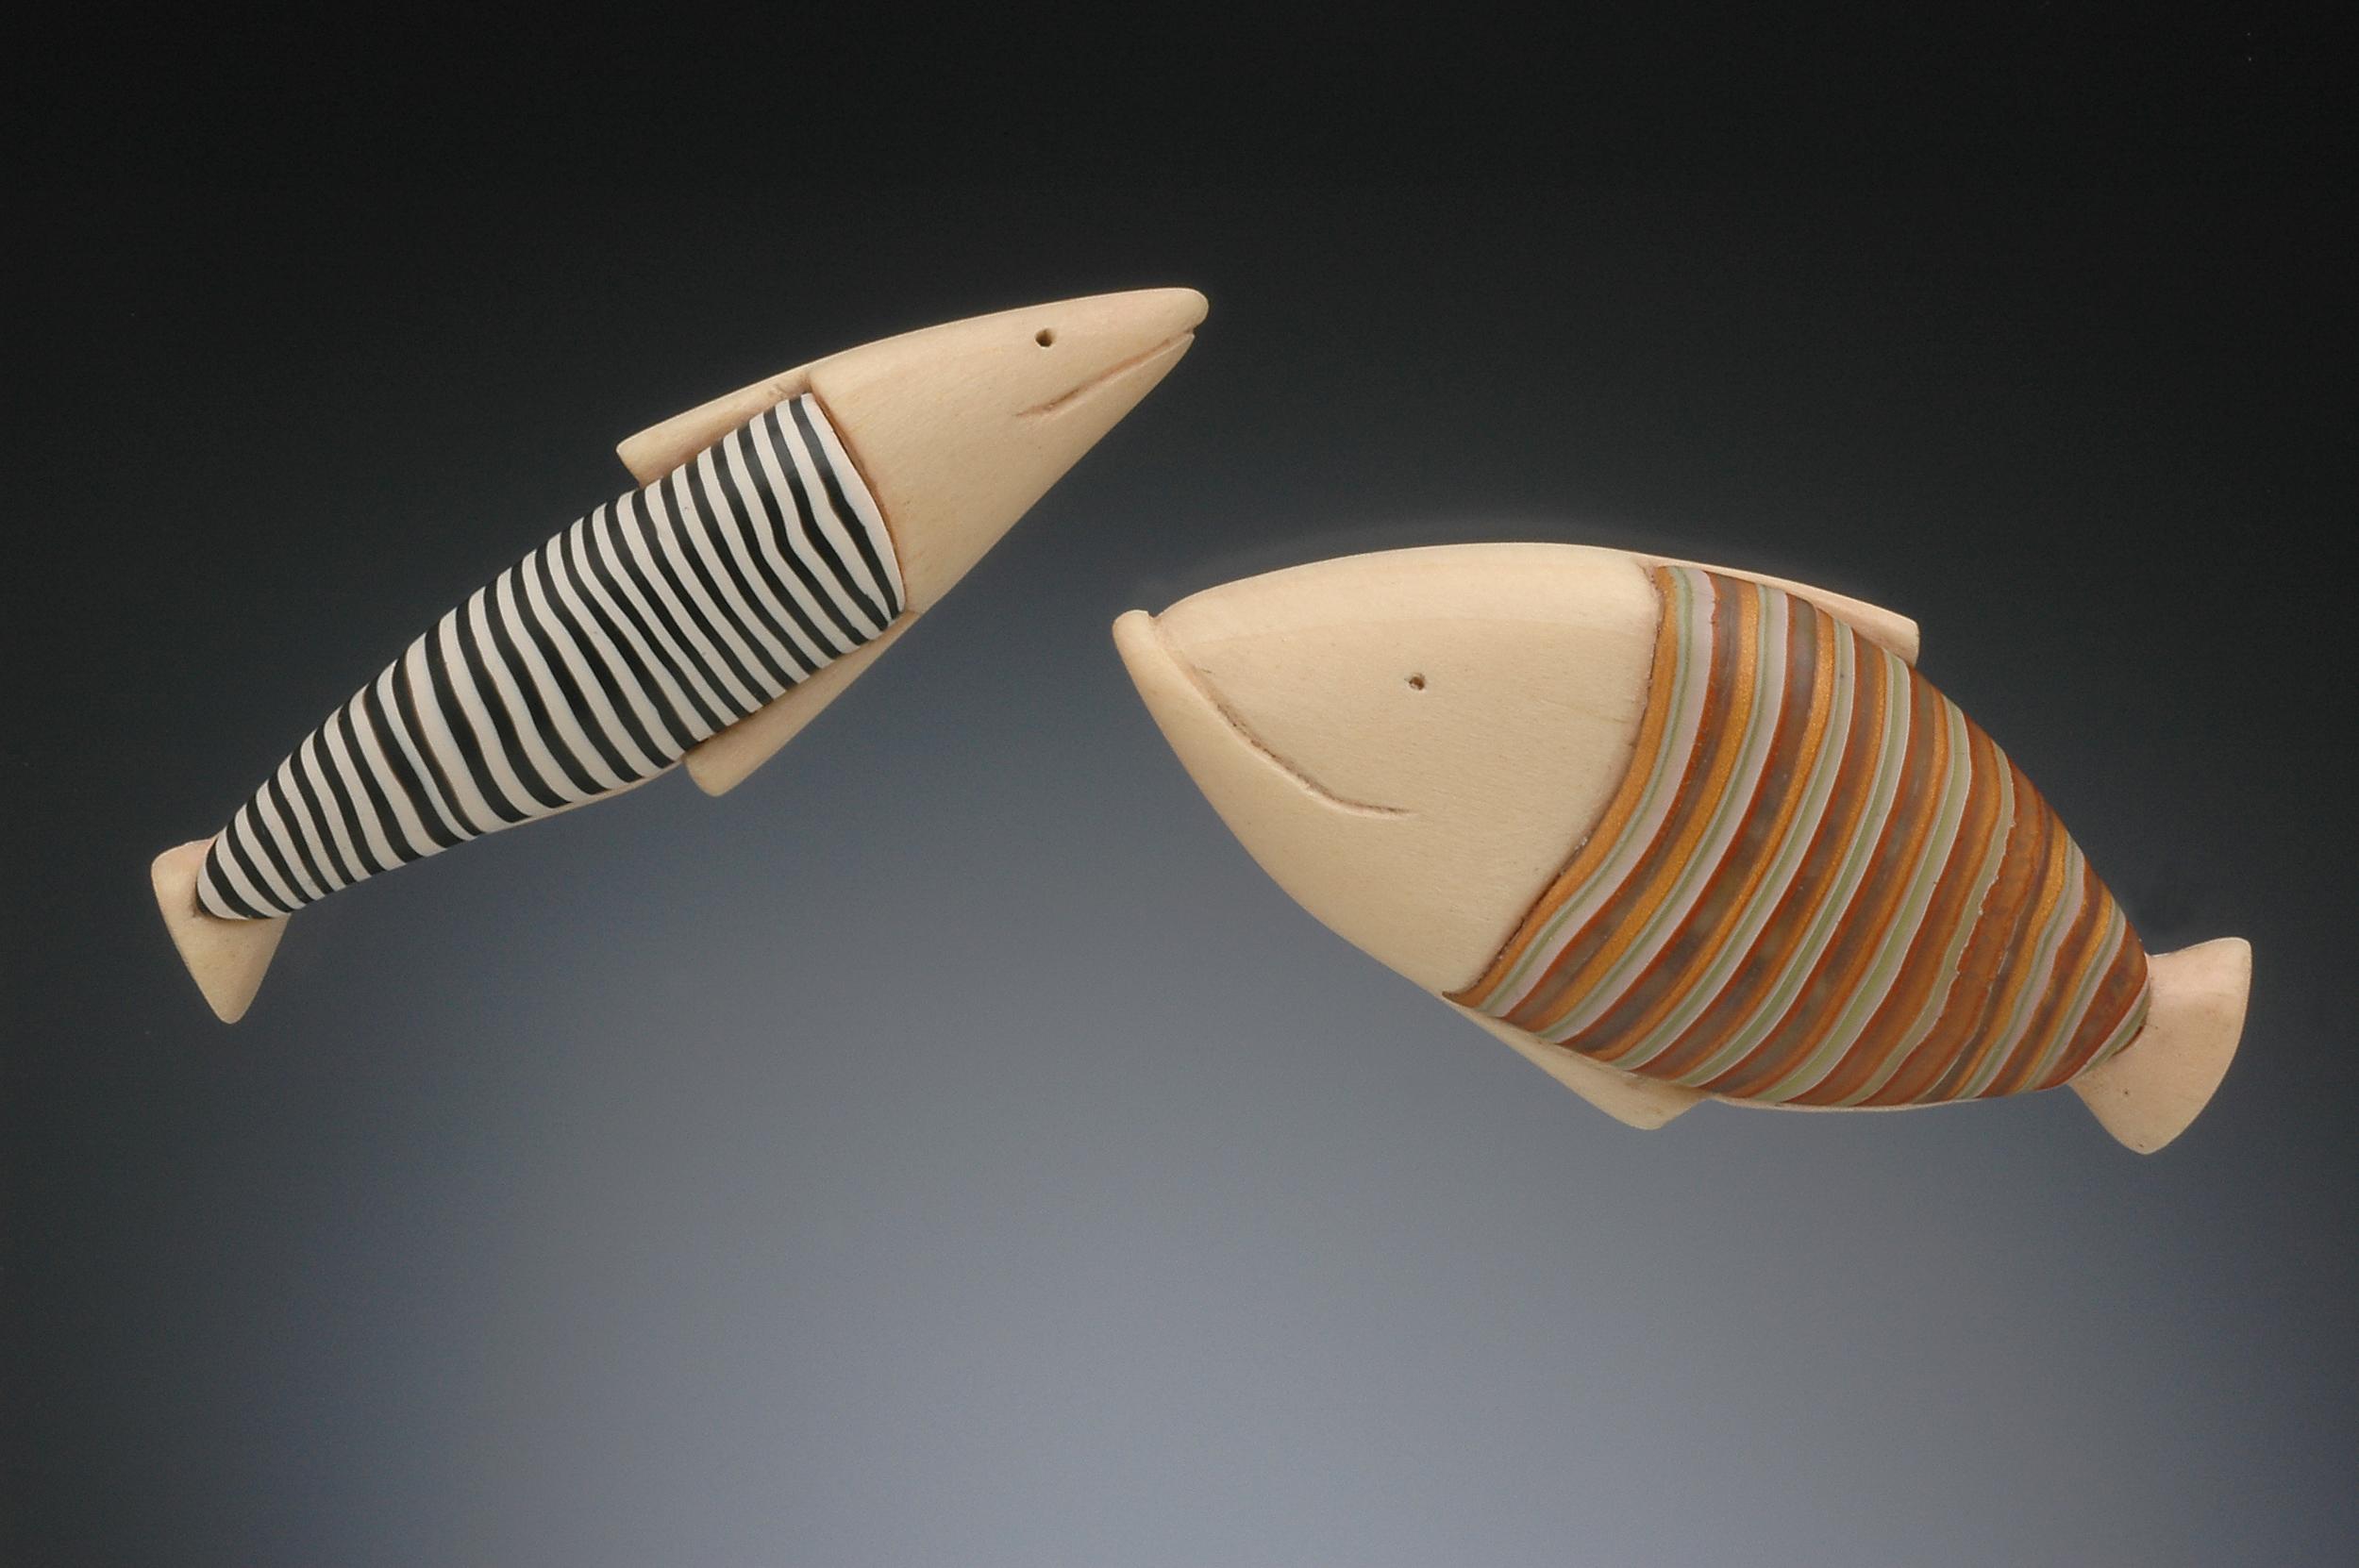 striped fish pins